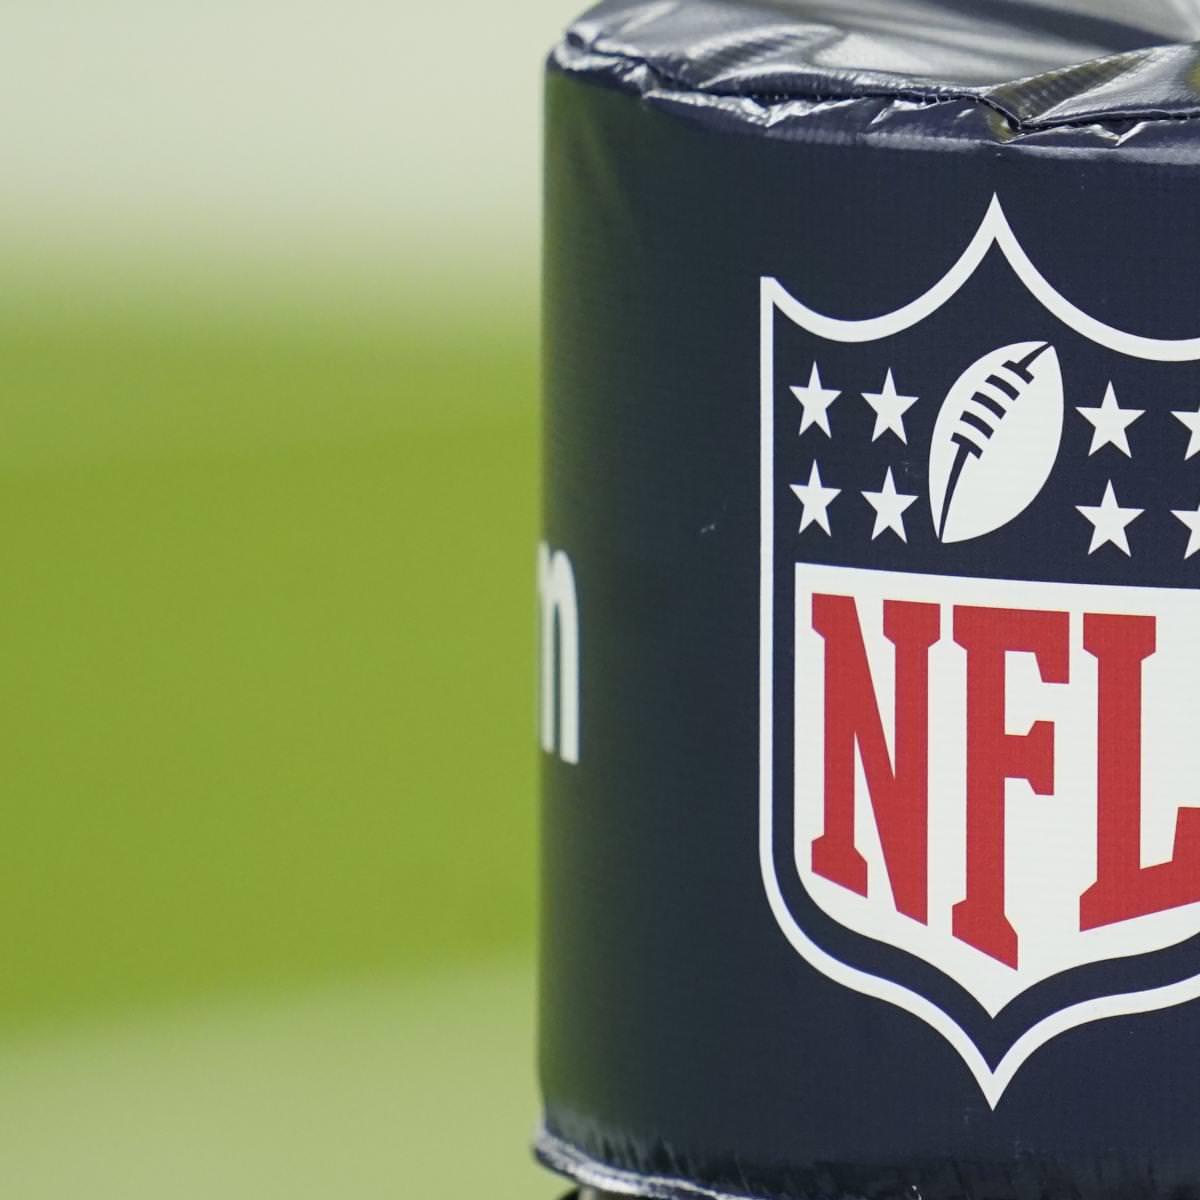 NFL confirma 0 novo teste positivo de COVID-19 entre jogadores de 13 a 19 de setembro